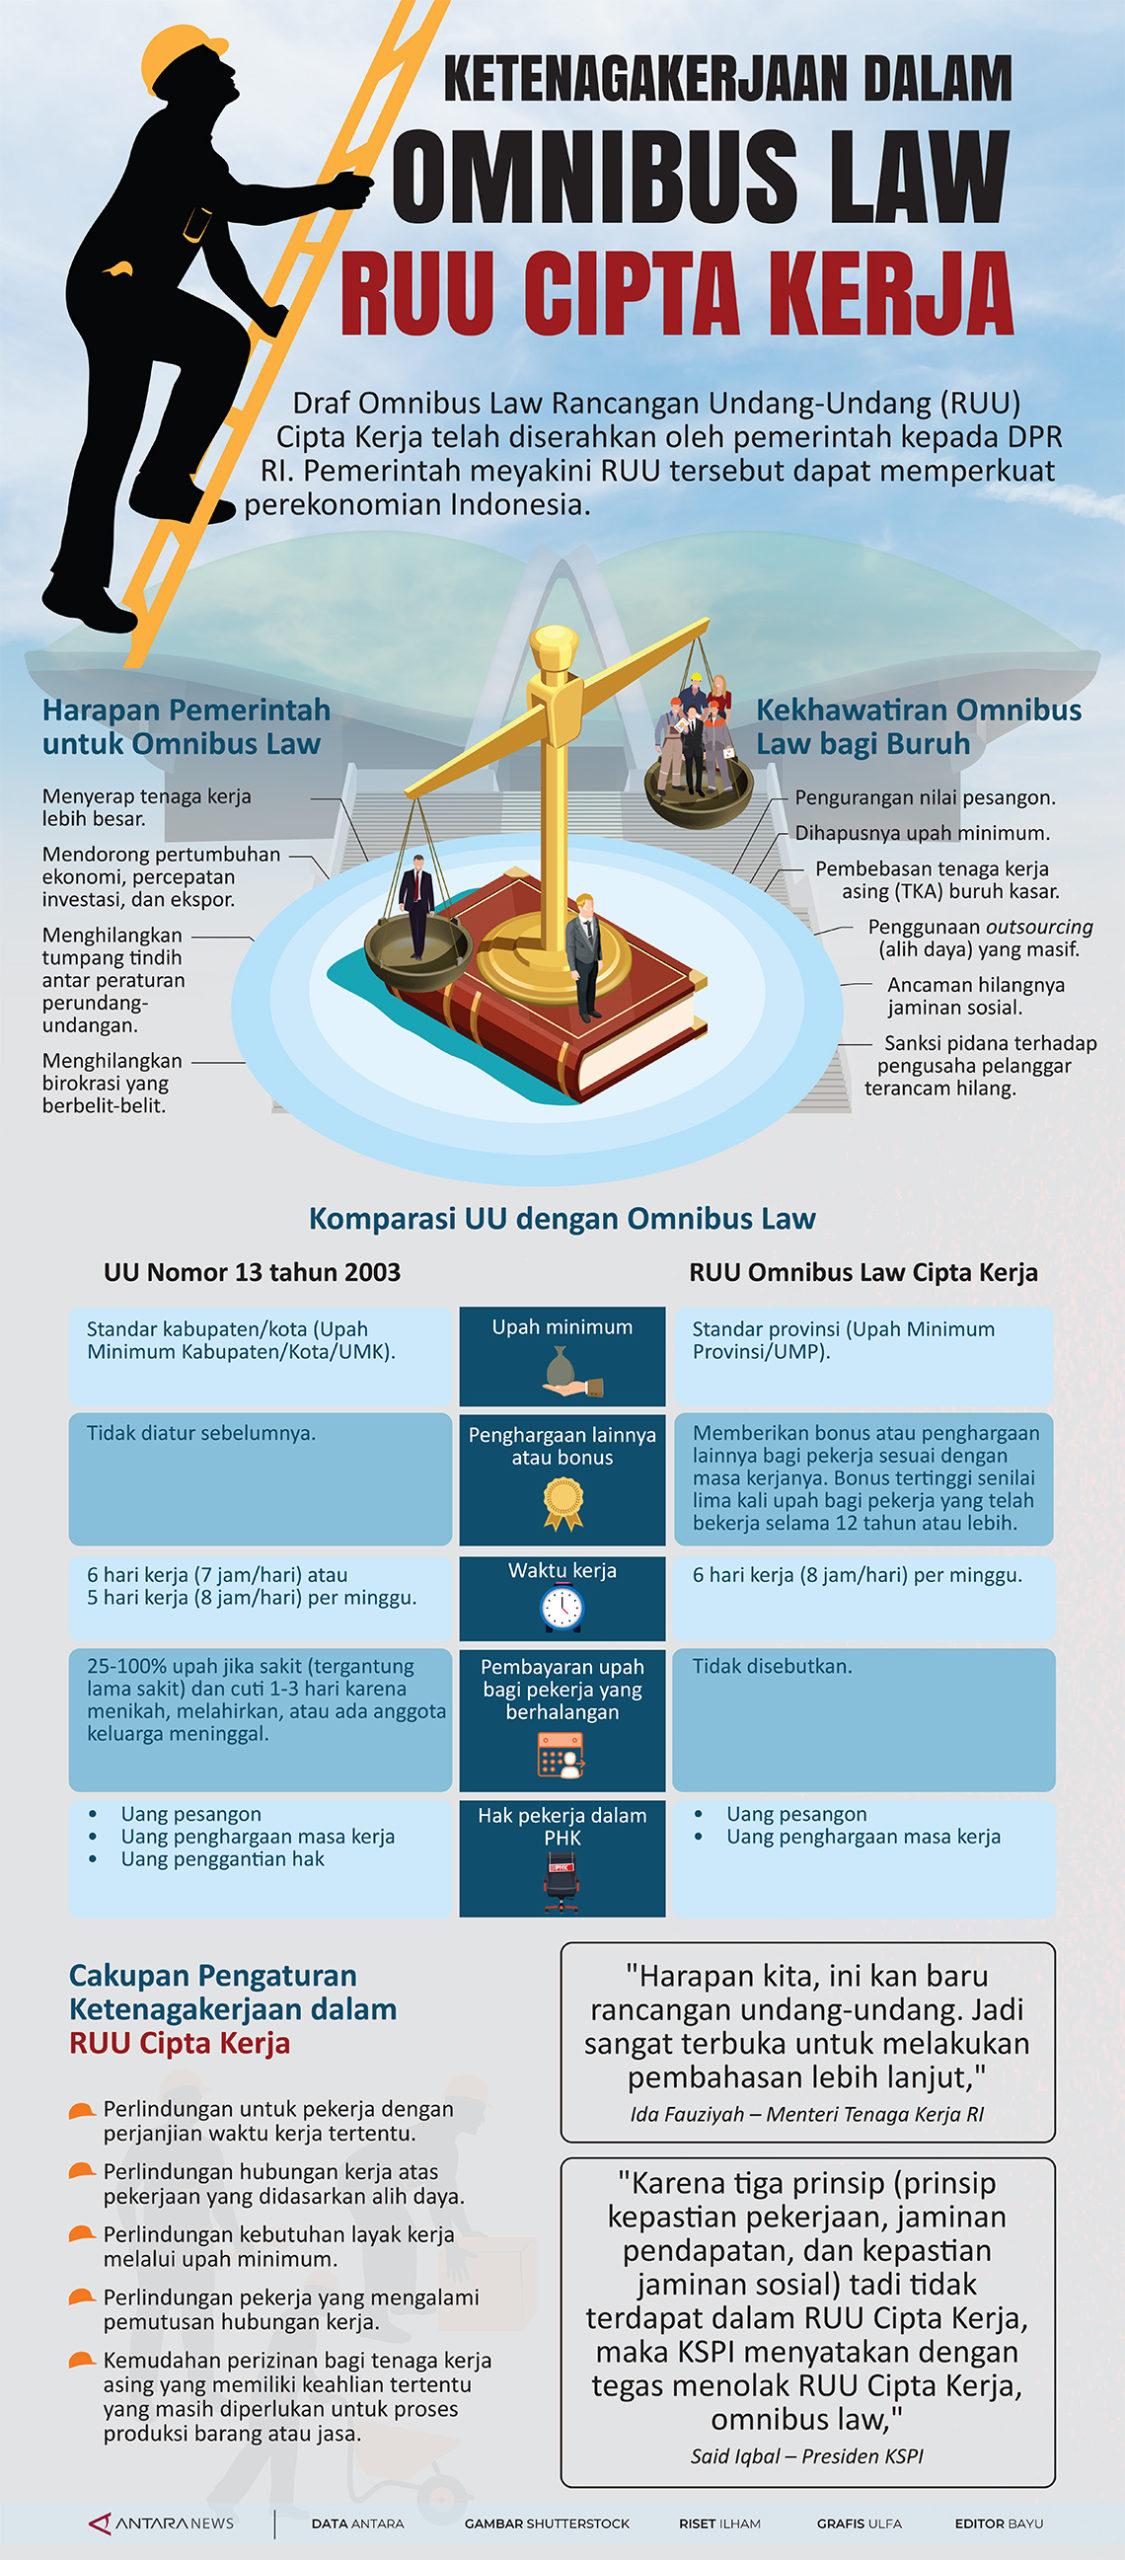 Ketenagakerjaan dalam Omnibus Law RUU Cipta Kerja ...